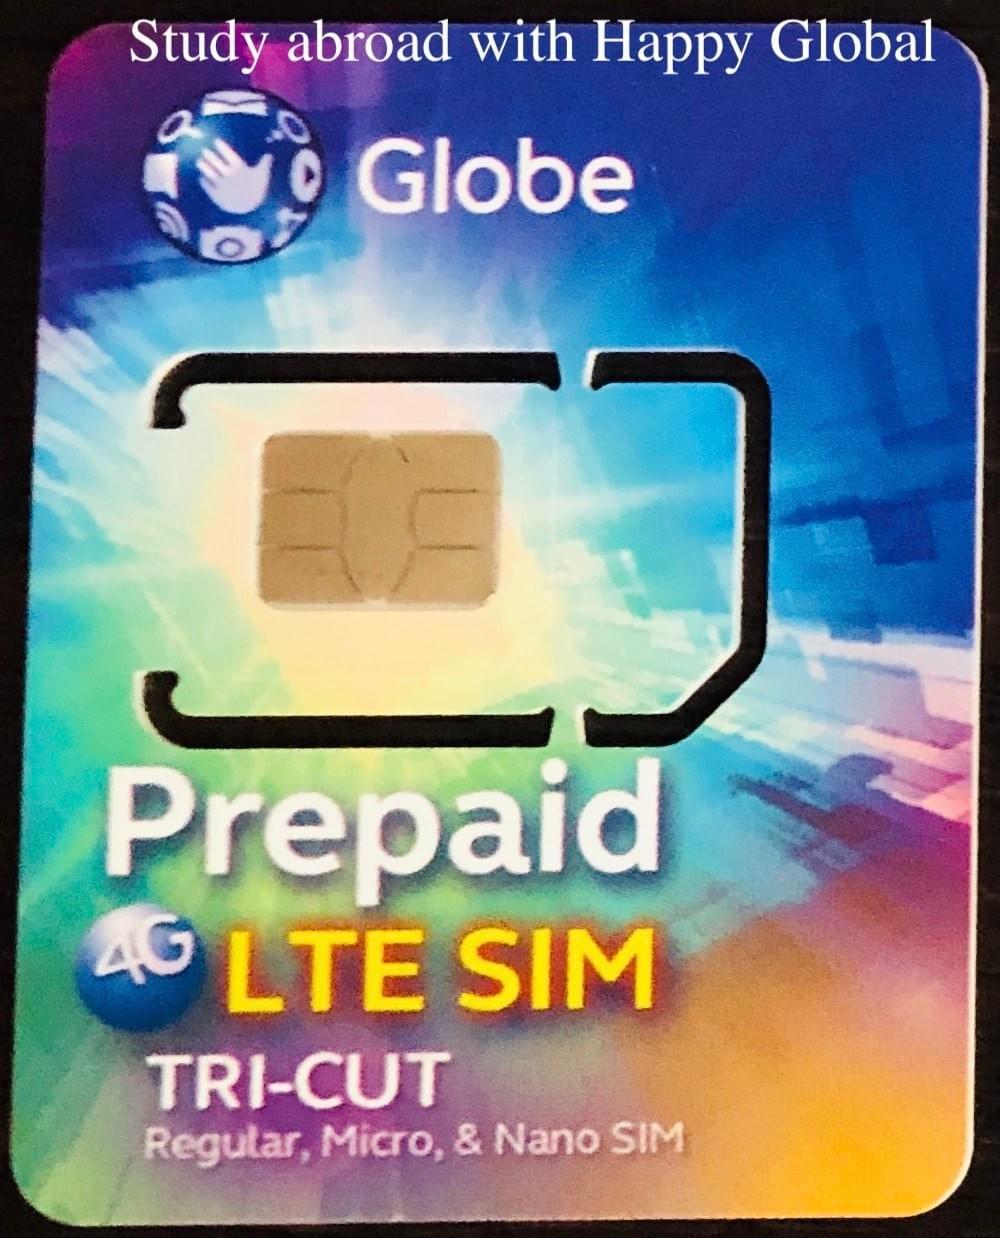 菲律賓電信『Globe』手機上網方案&儲值教學- 菲律賓電信海培國際菲律賓遊學